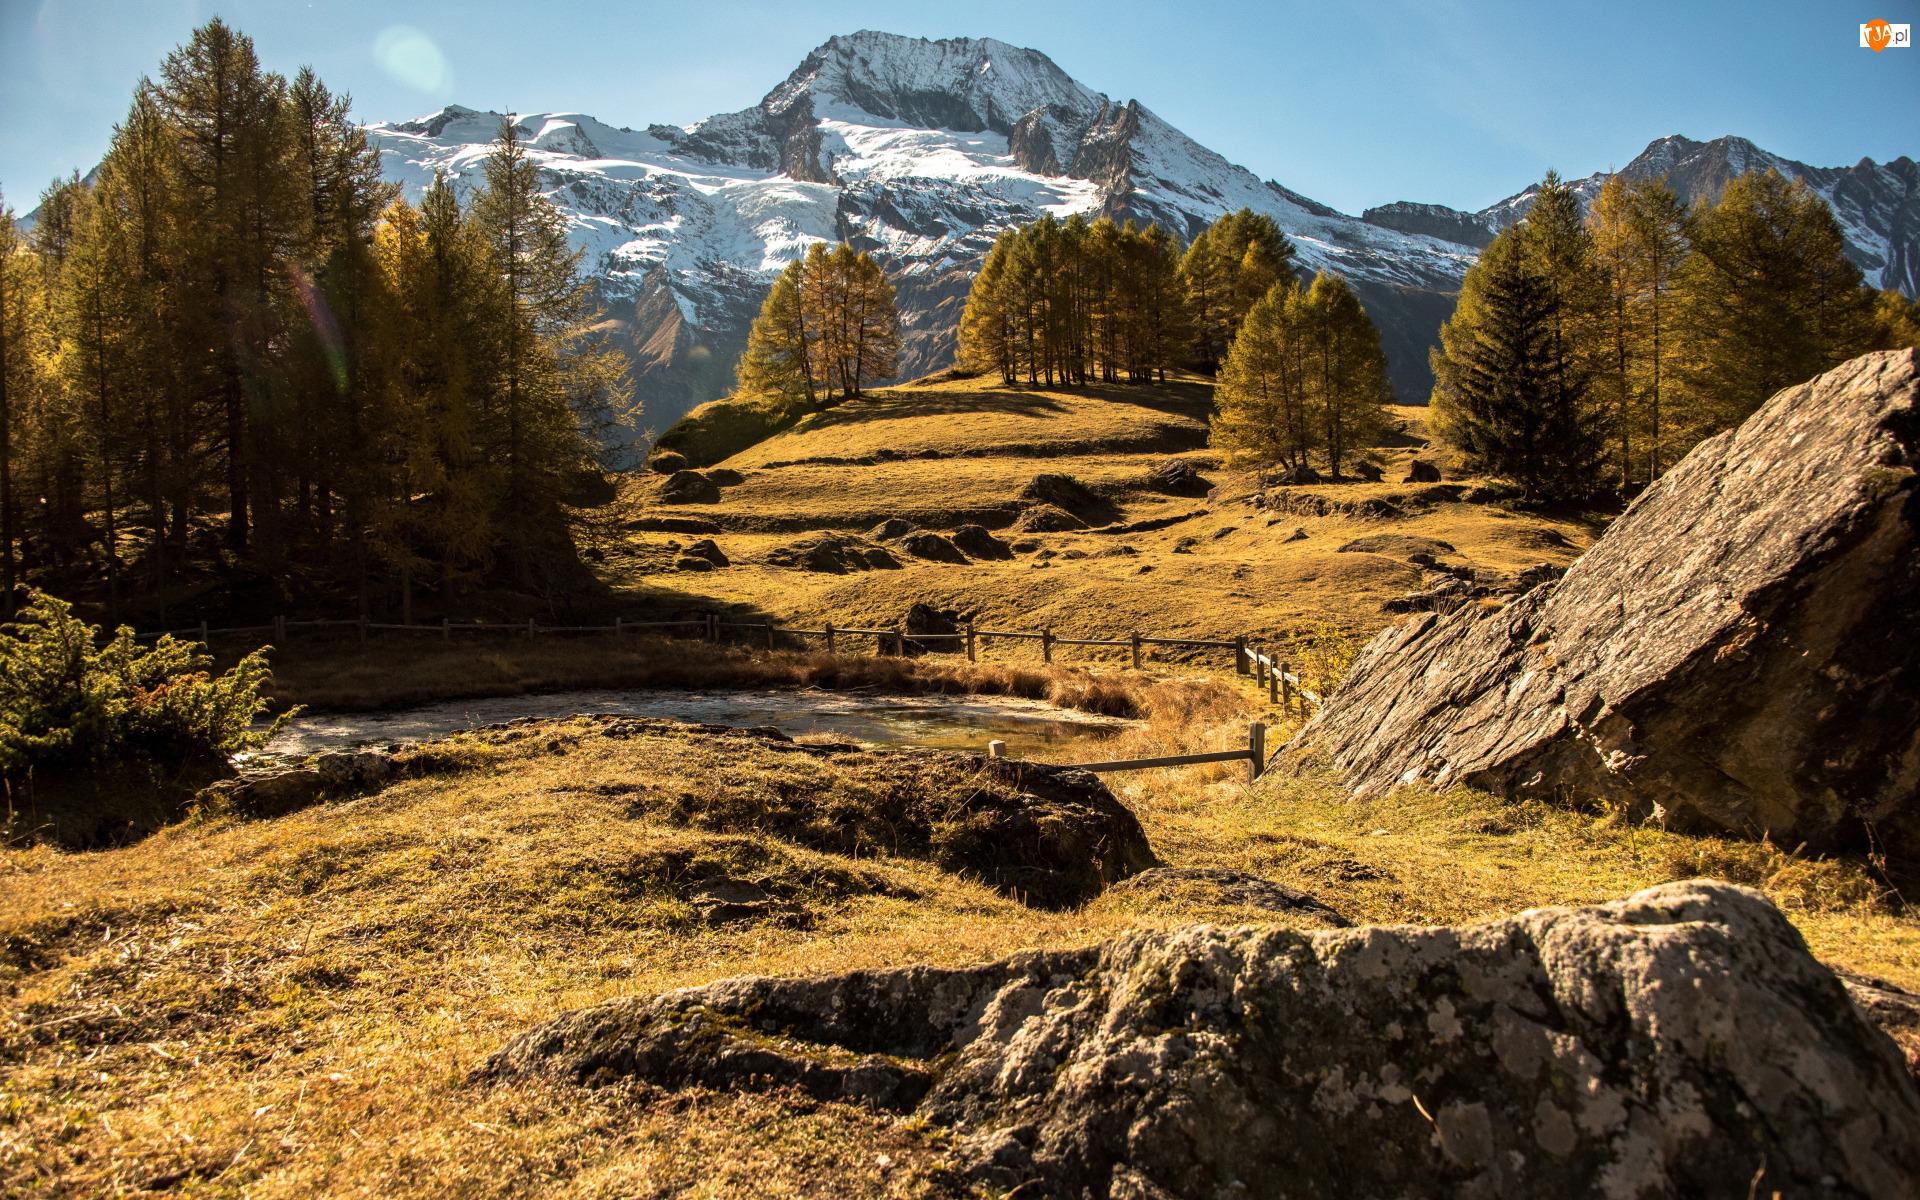 Drzewa, Skały, Góry, Jesień, Płot